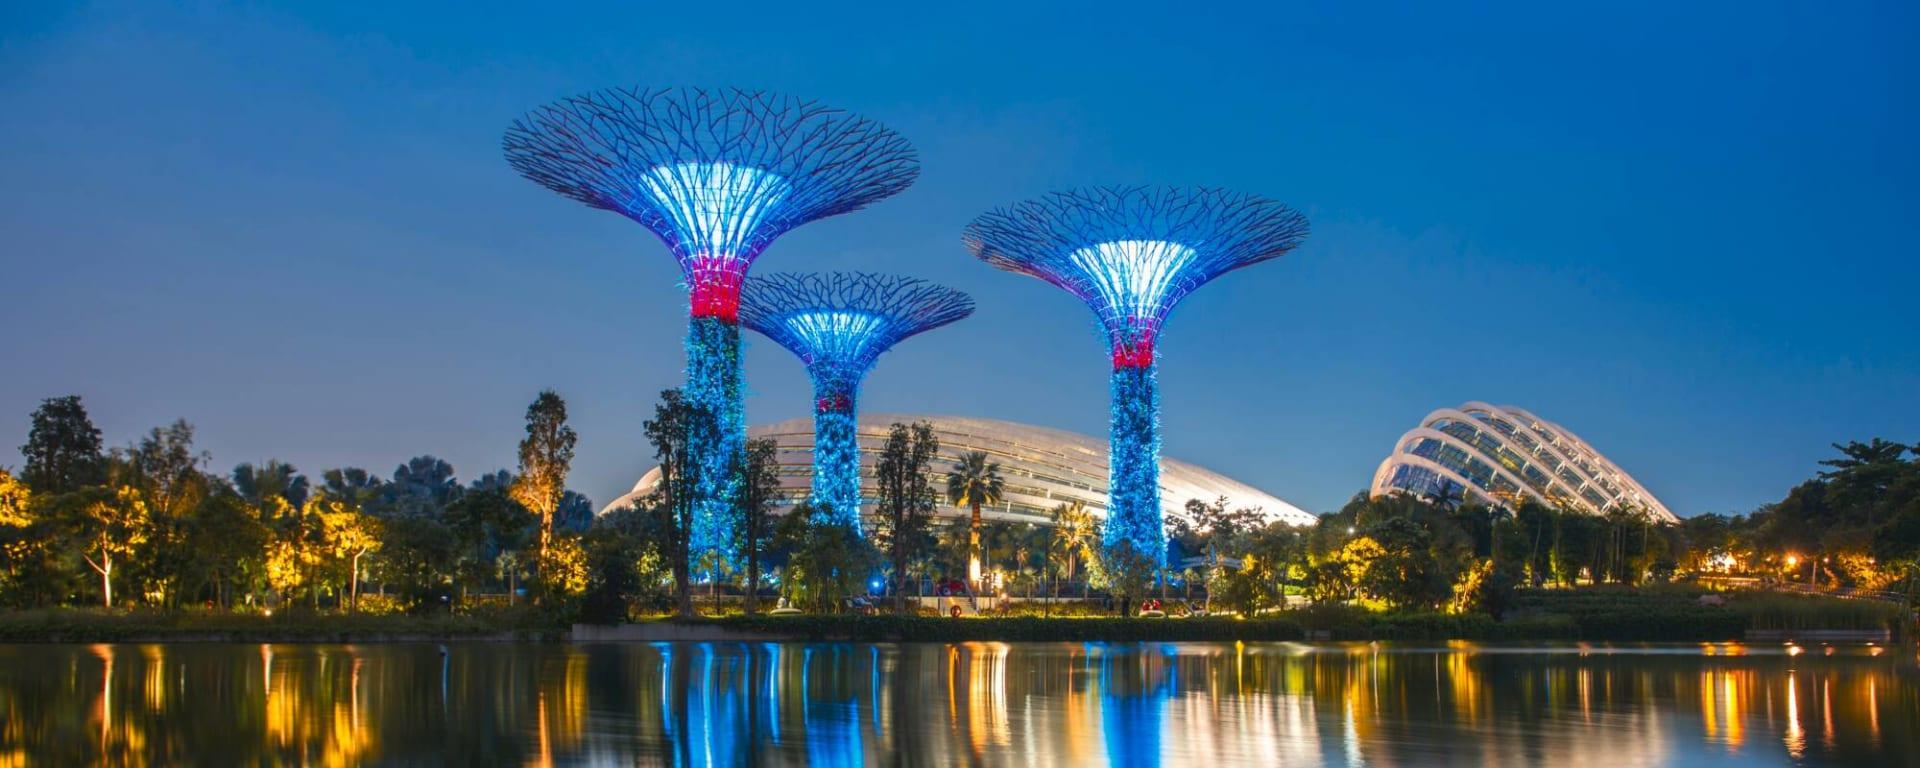 Singapur entdecken mit Tischler Reisen: Singapur Gardens by the Sea Supertrees